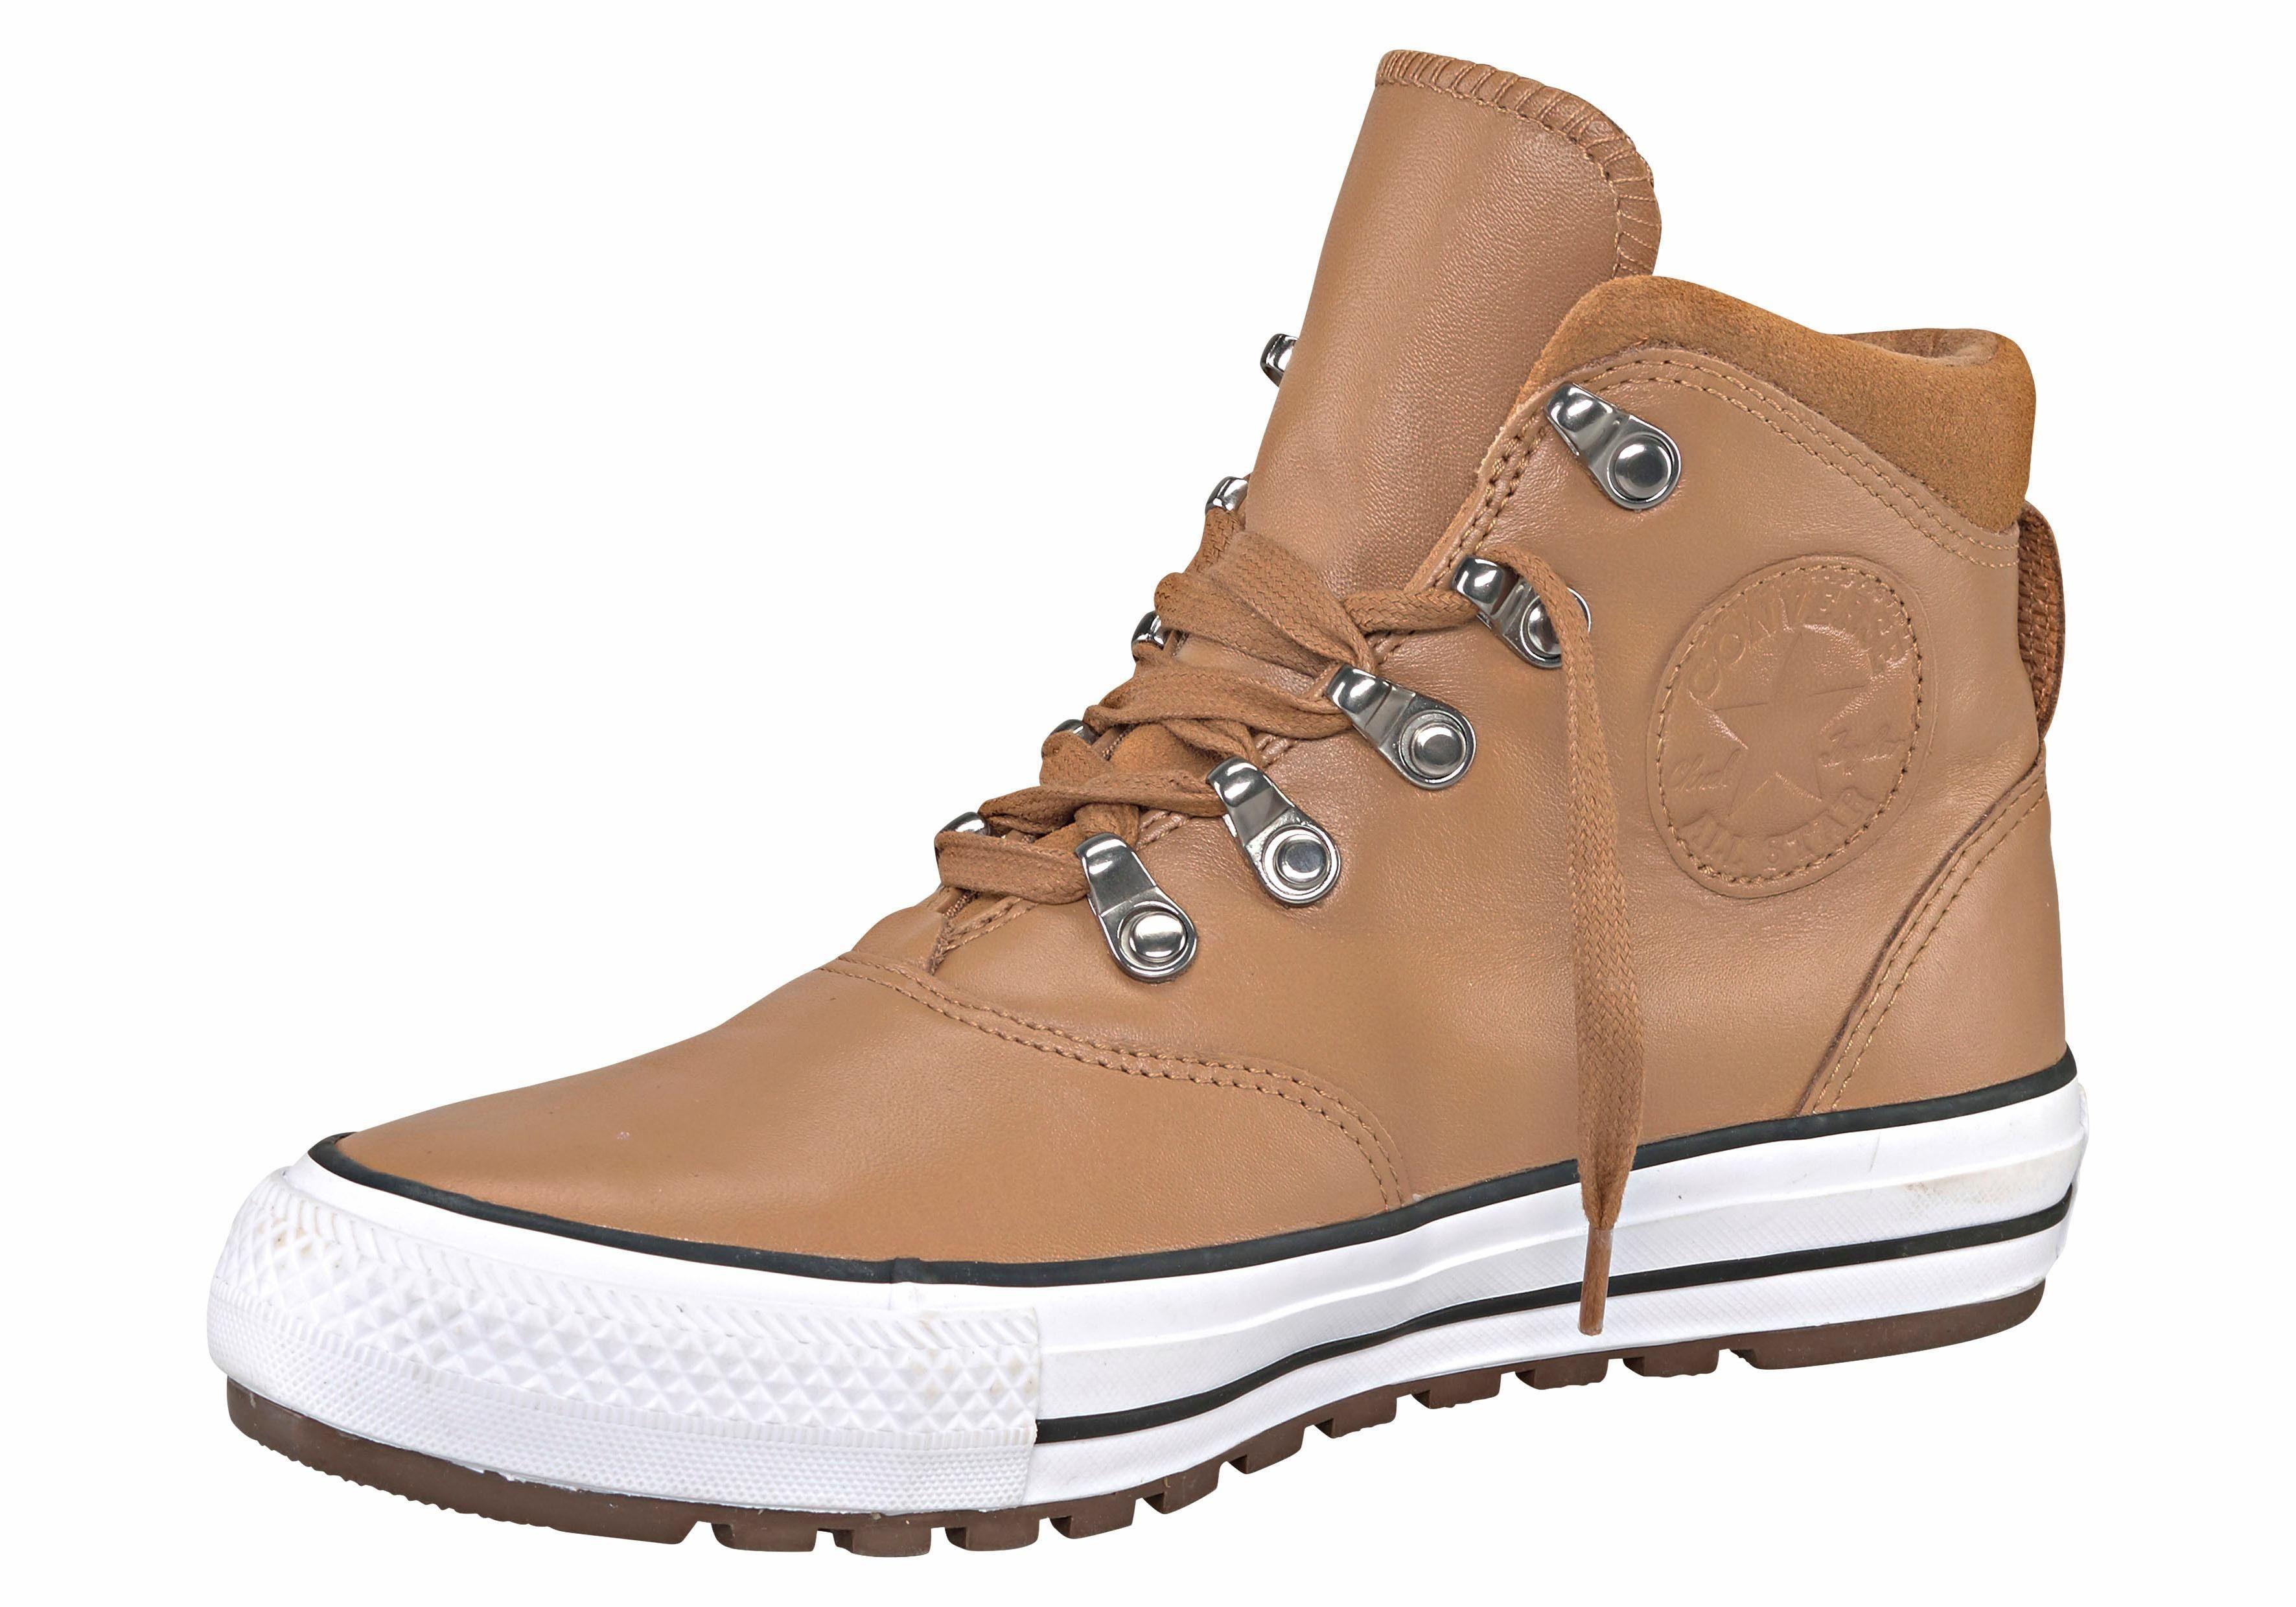 All Star Chaussures Bateau Hi W Wp Brun OApXkieqTB